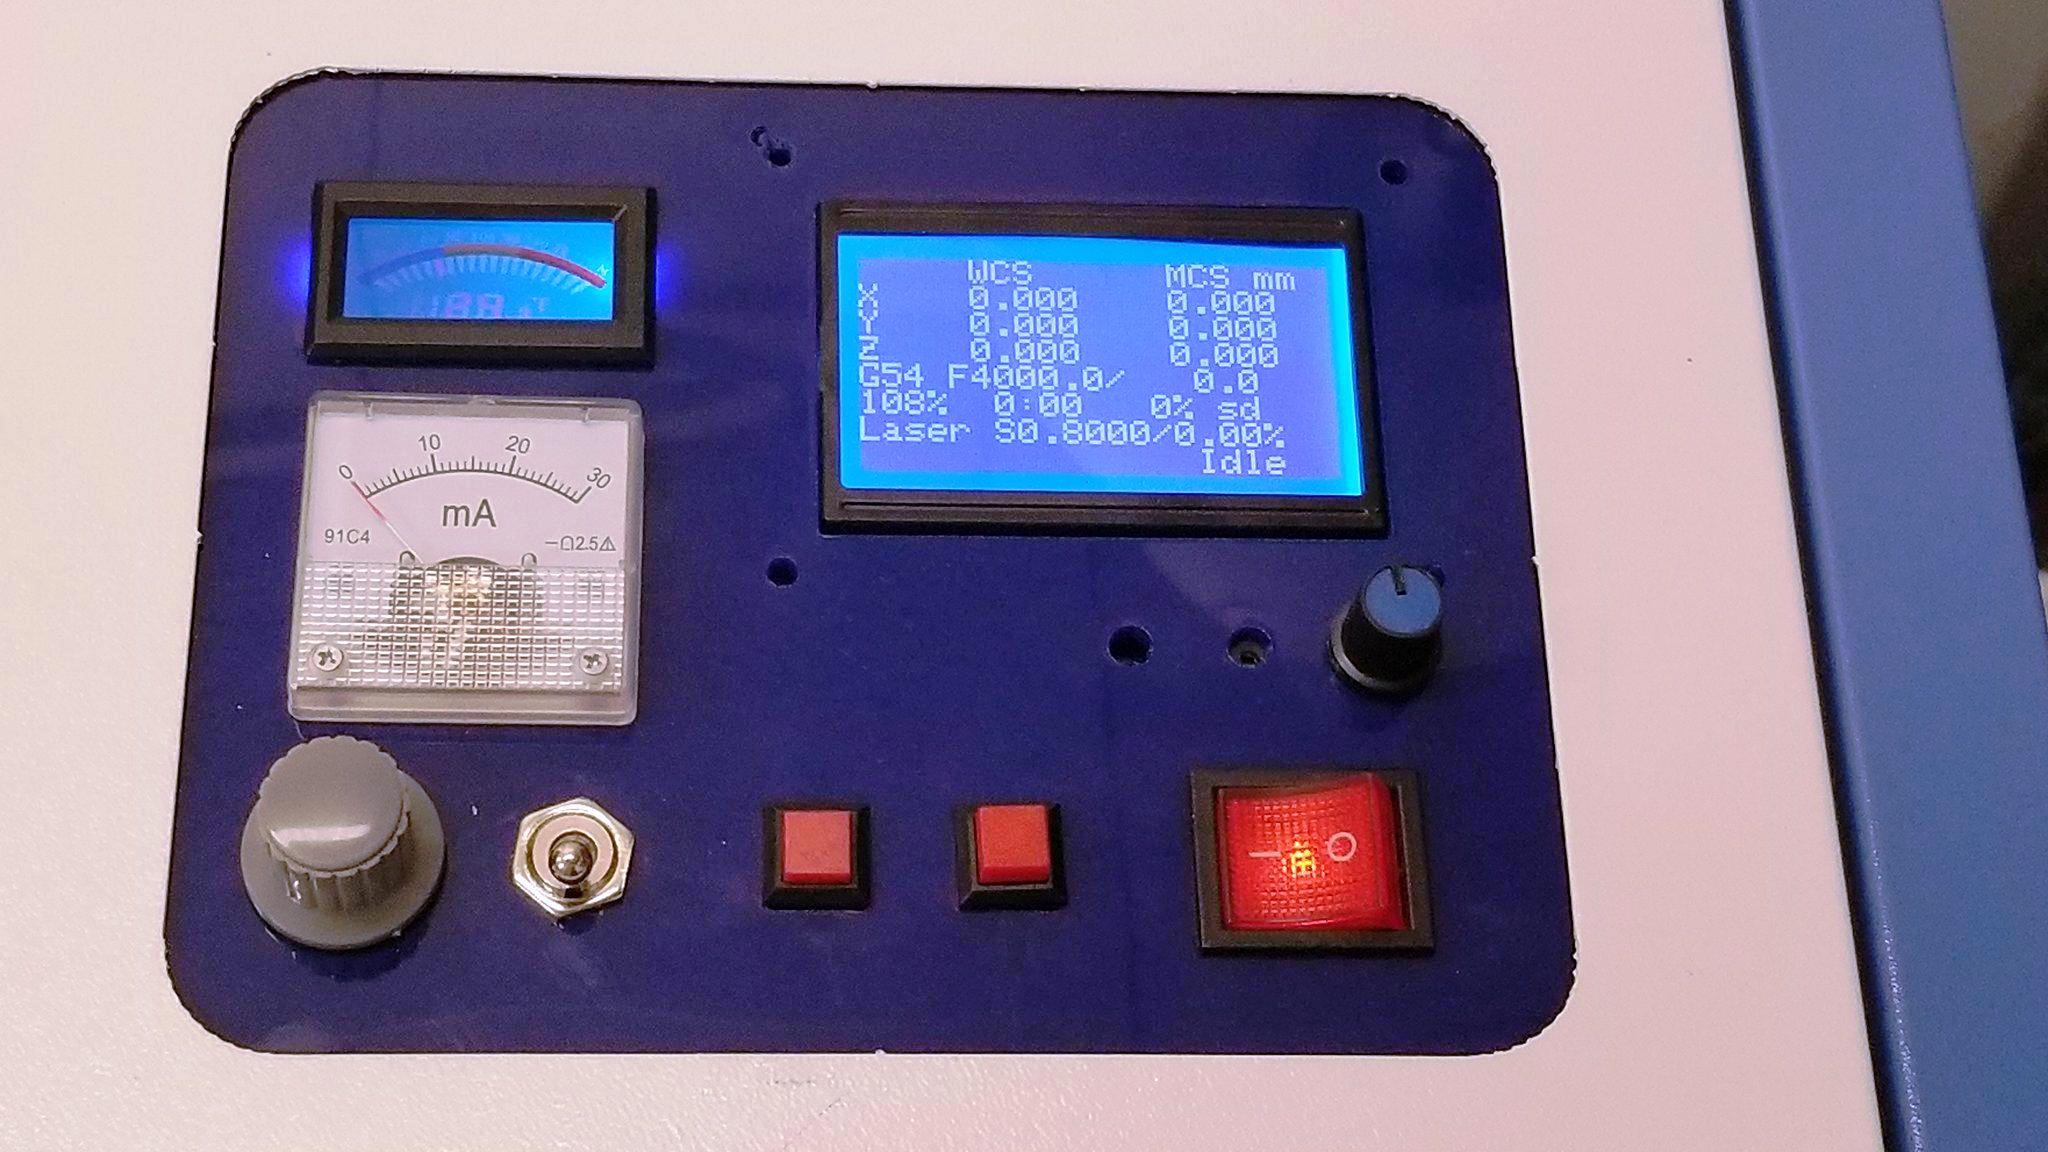 K40 Laser Custom Panel Ideas - LaserGods com